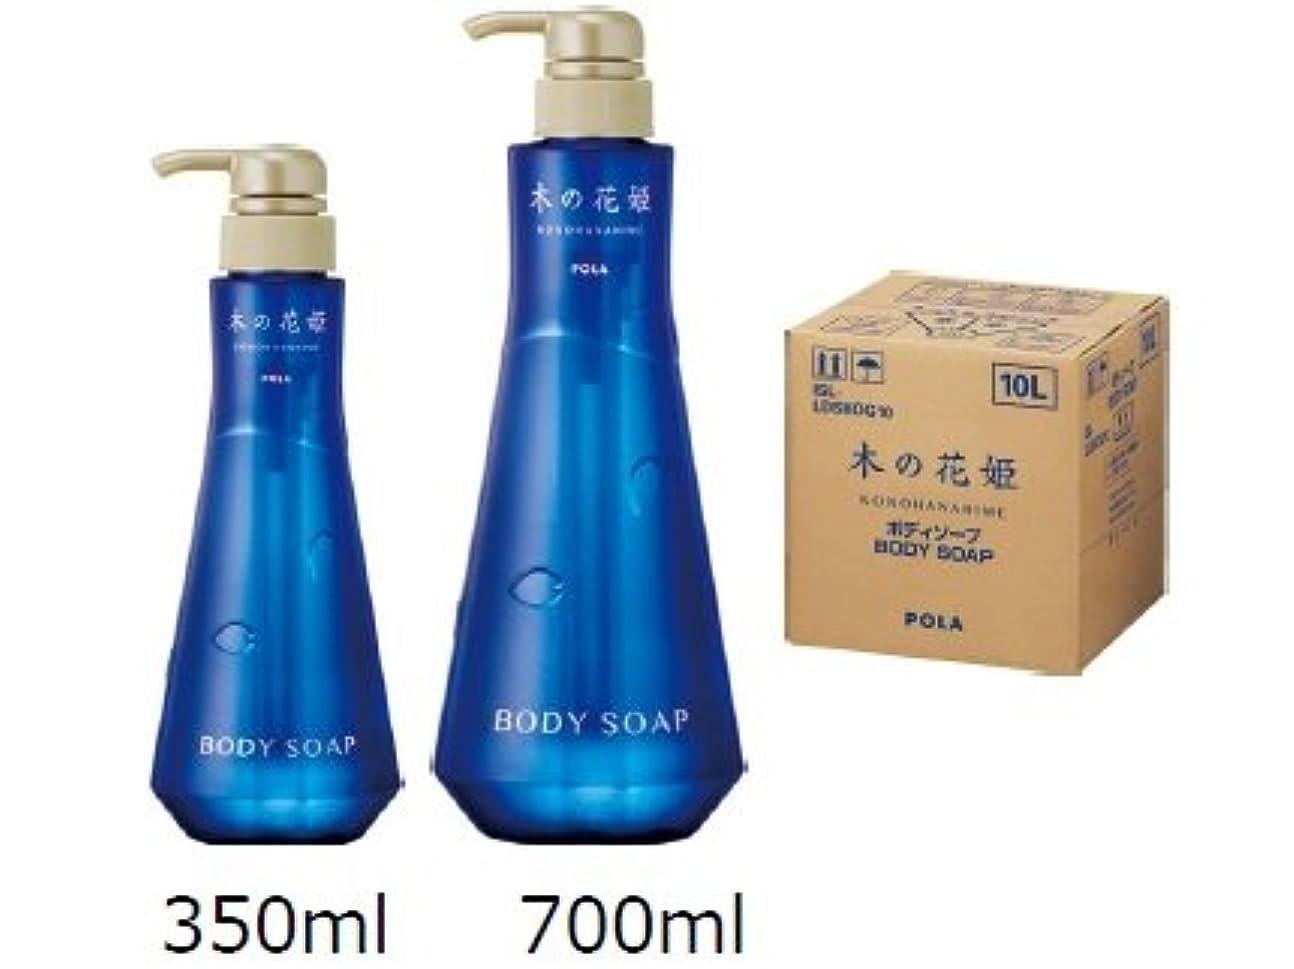 アレルギー比類のない何故なのPOLA 木の花姫 ボディソープ 10L 詰替え 350ml容器3本付